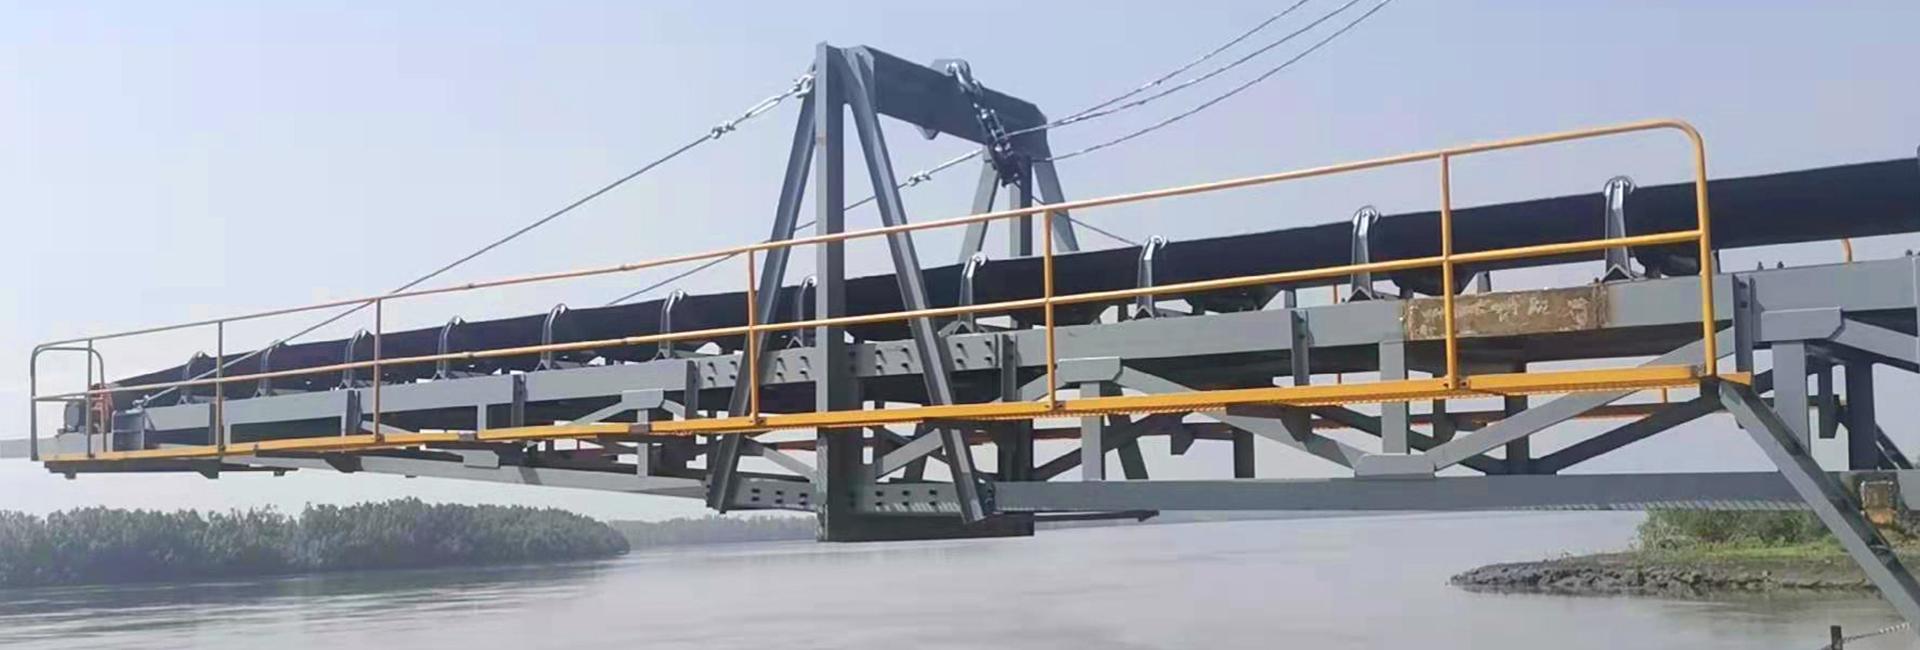 傳送帶輸送機,礦用皮帶輸送機,長距離輸送機